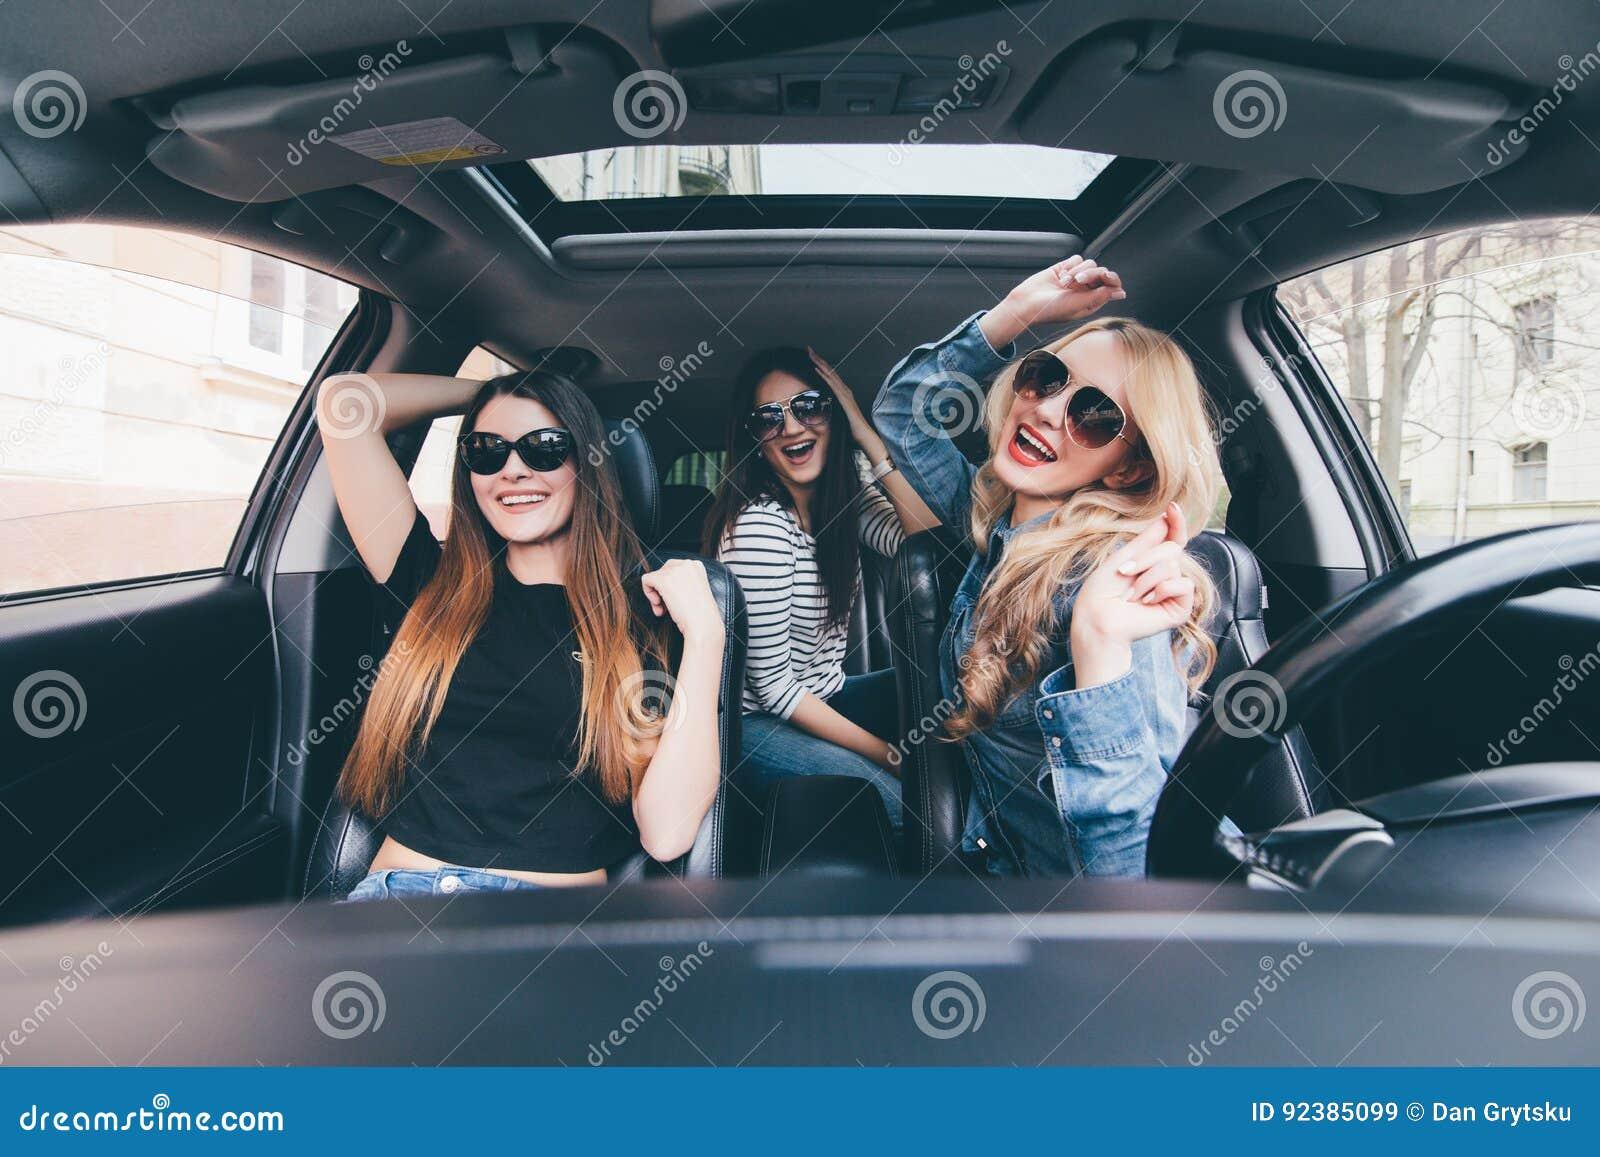 Tre flickor som kör i en konvertibel bil och har gyckel, lyssnar musik och dansar